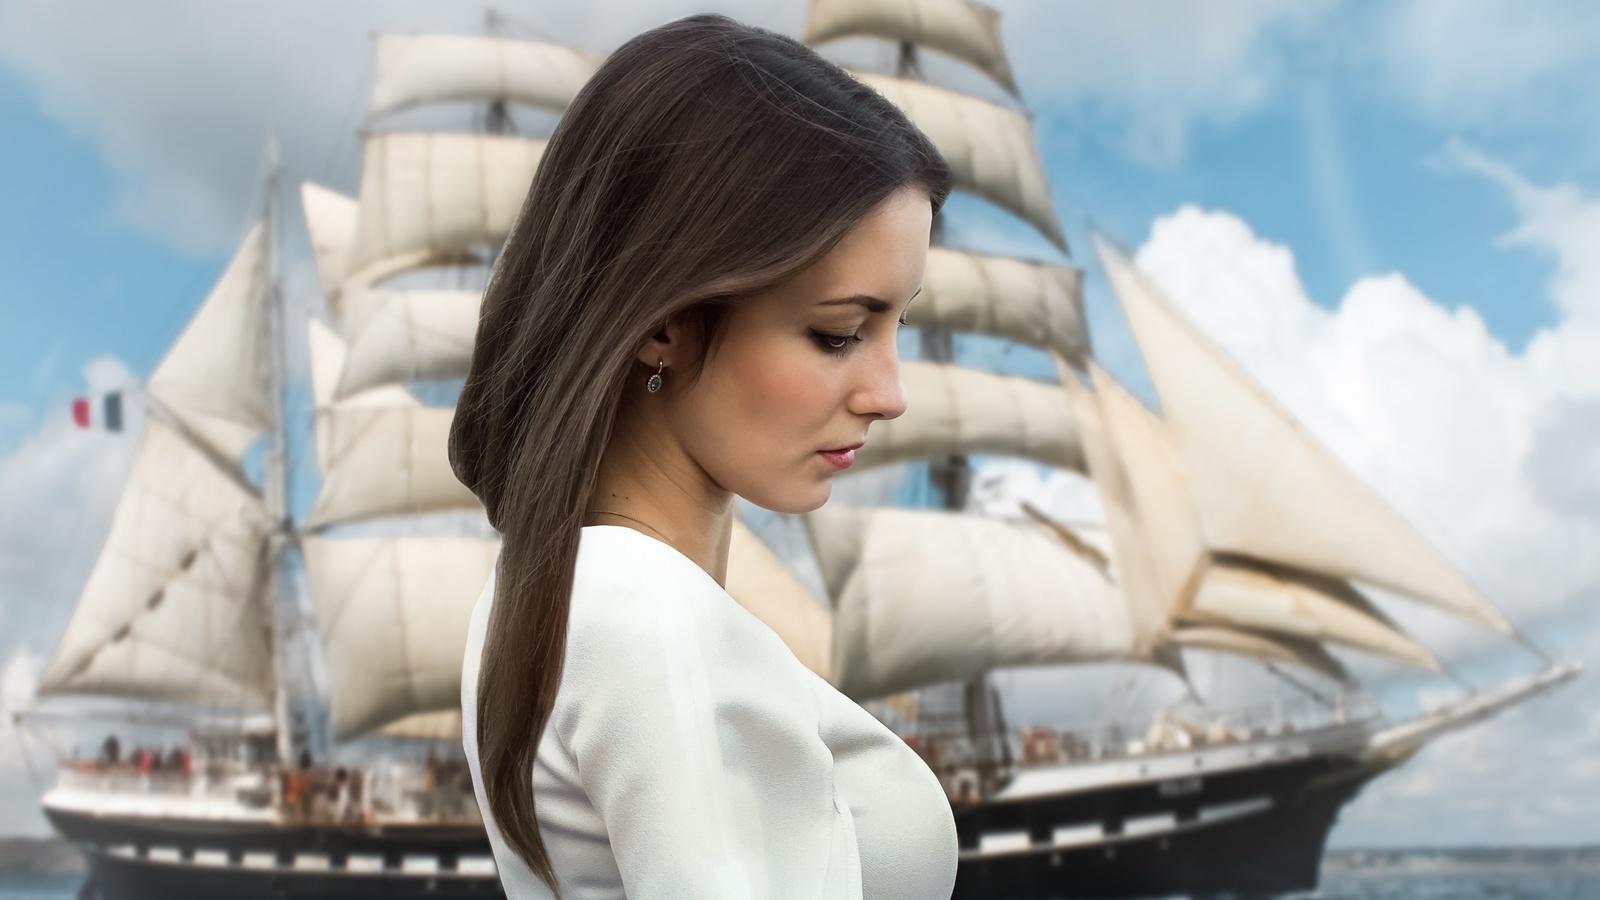 небо, модель, облака, профиль, вода, волосы, девушка, лицо, море, портрет, корабль